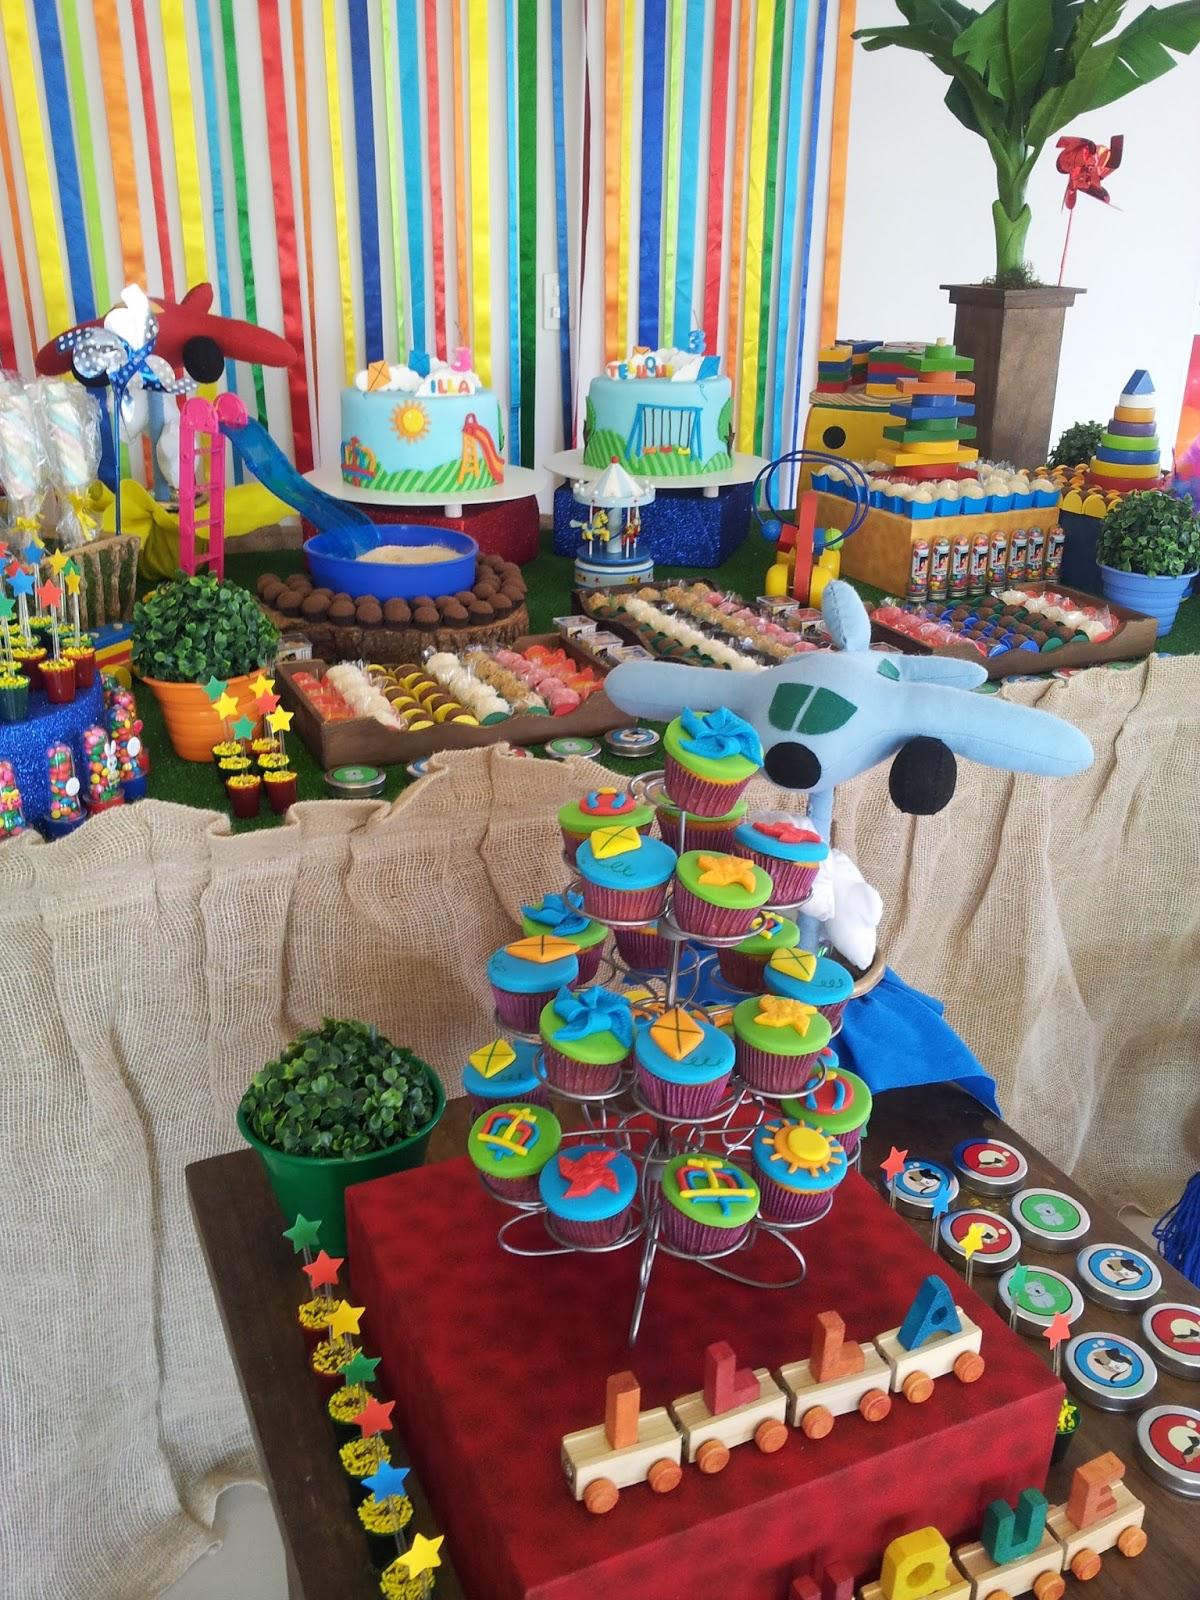 decoracao alternativa para festa infantil : decoracao alternativa para festa infantil:Fun In The Box, Festa infantil, Eventos, Festa a domicilio